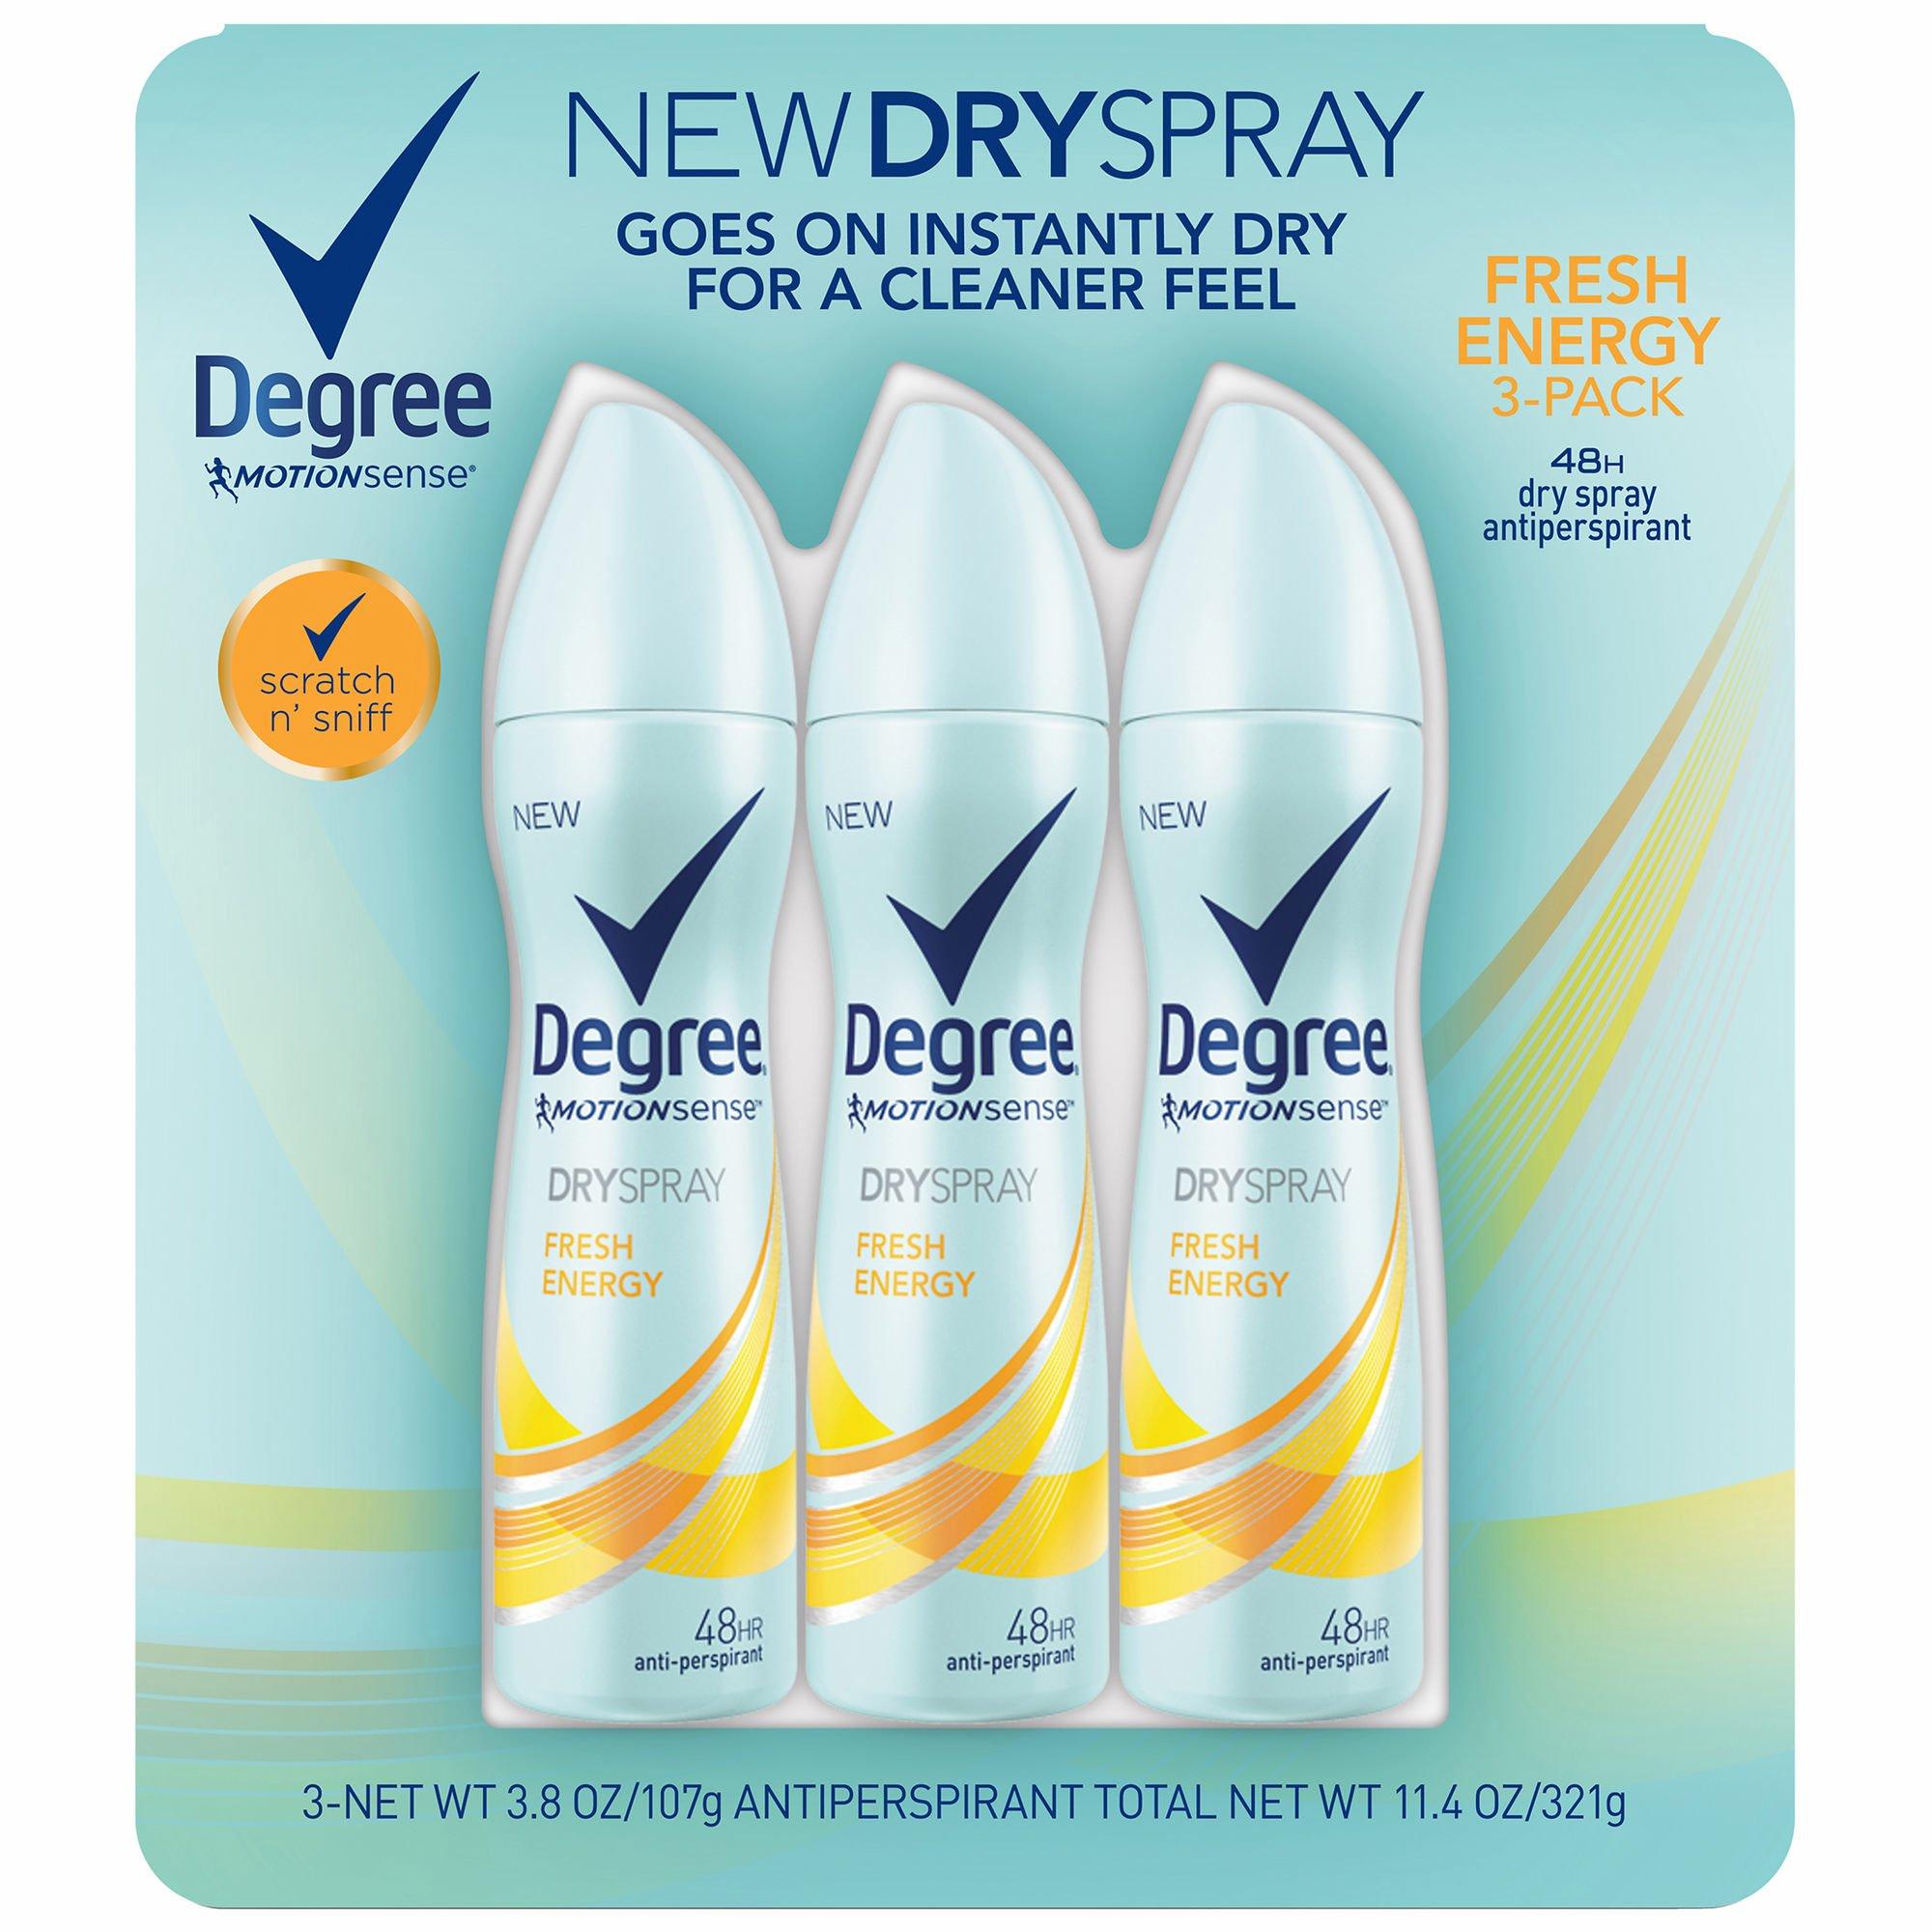 Degree MotionSense Dry Spray Fresh Energy Antiperspirant, 3 pk./3.8 oz. (pack of 6)